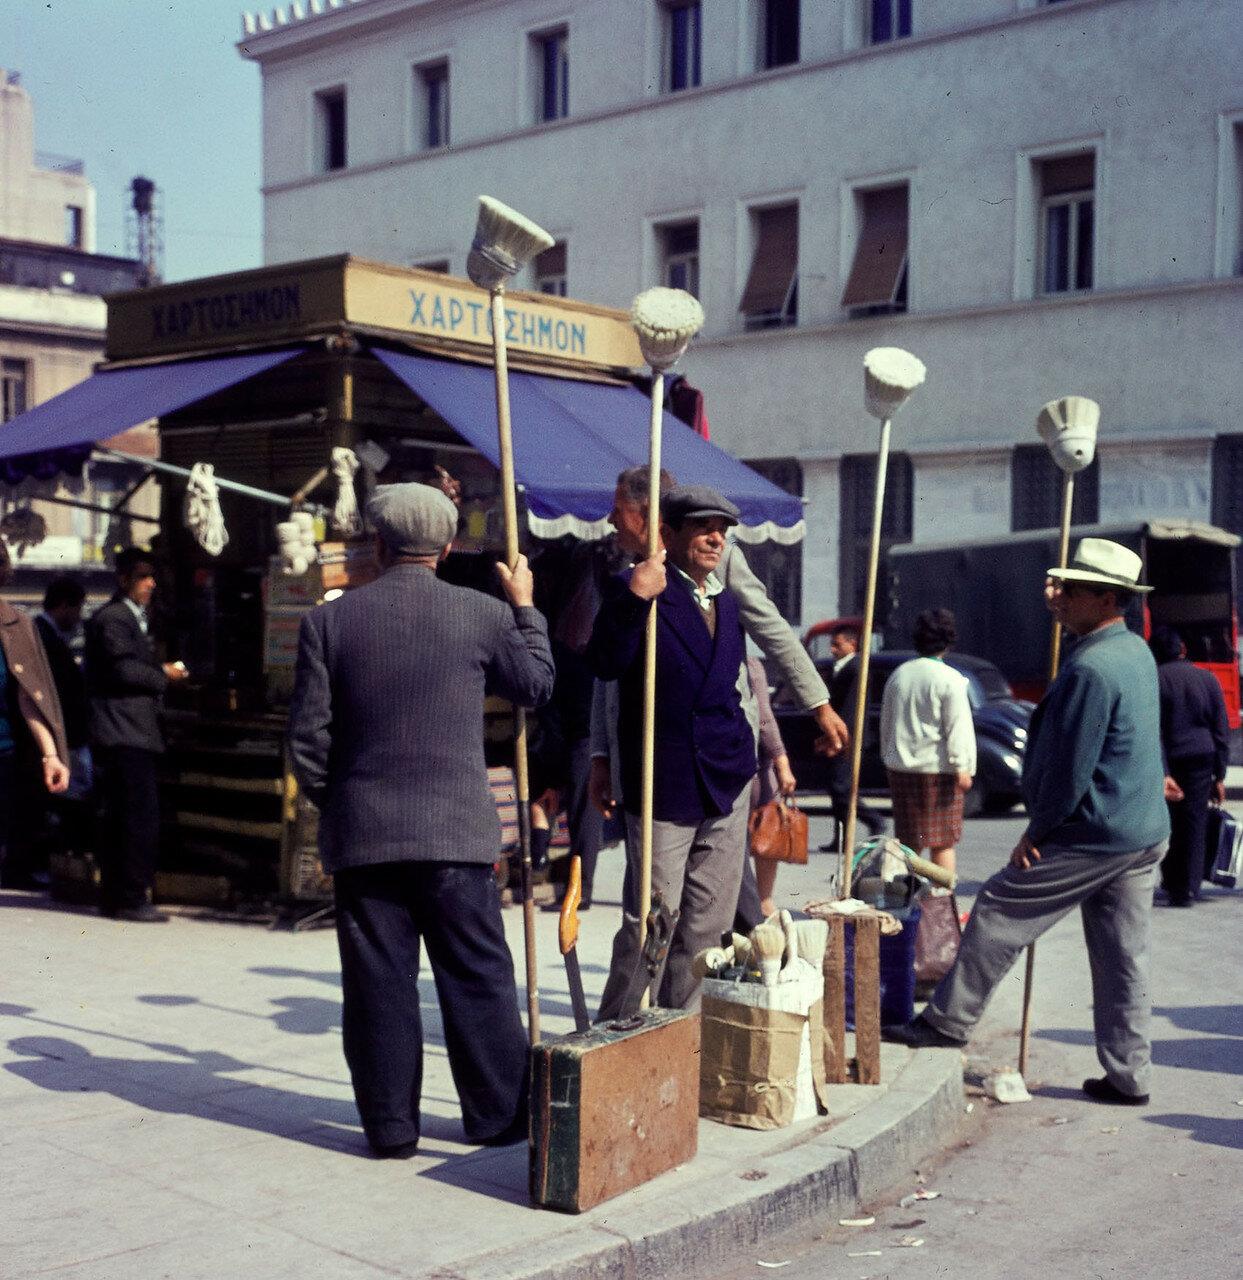 Ζωγράφοι, οι εργάτες ημέρα προσληφθεί για να εργαστούν